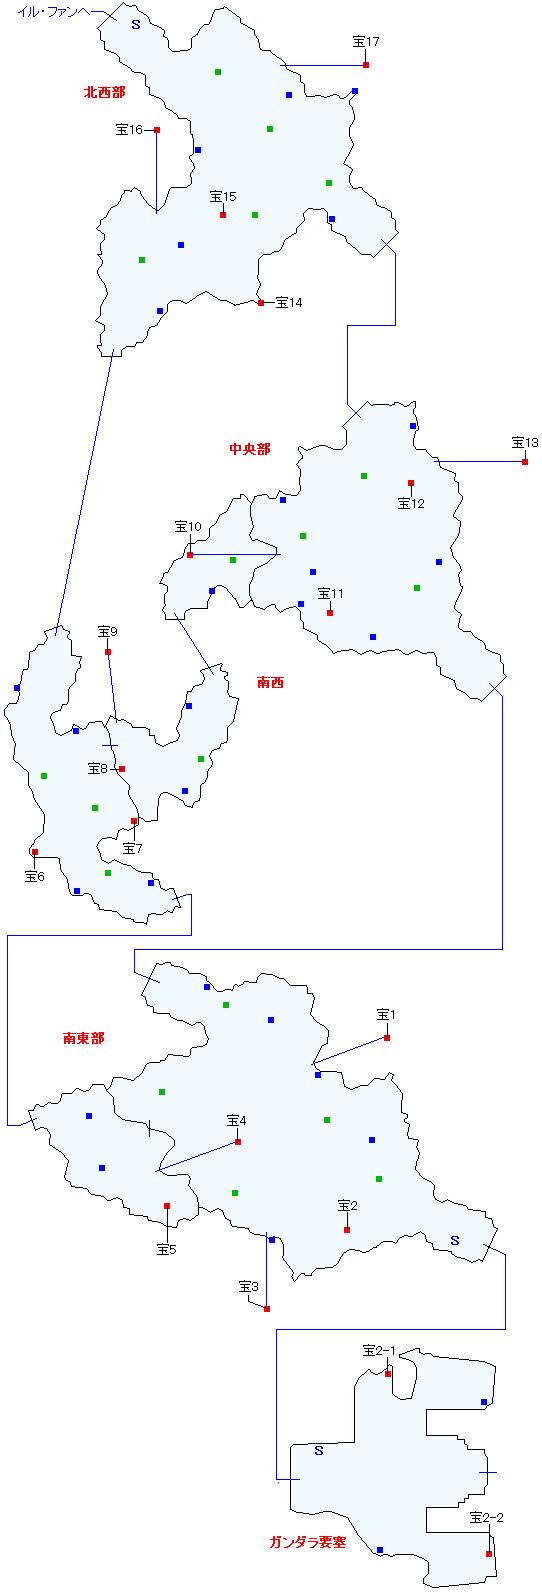 バルナウル街道マップ画像